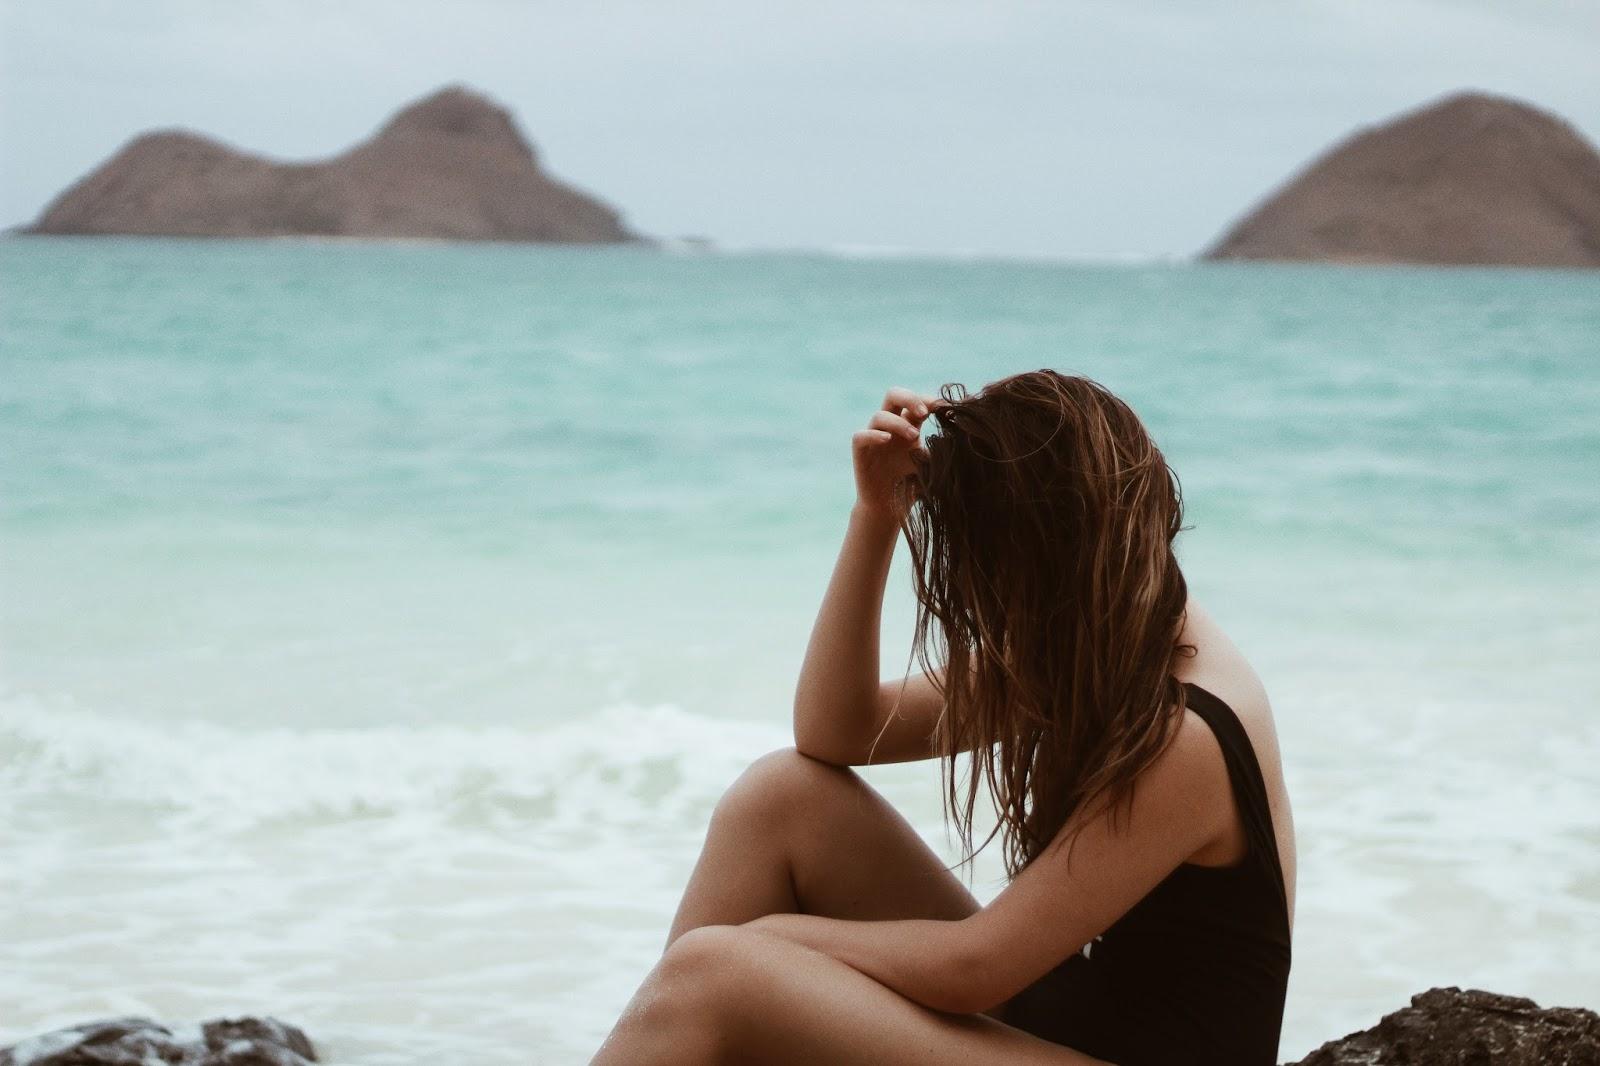 hot moody beach photo shoot